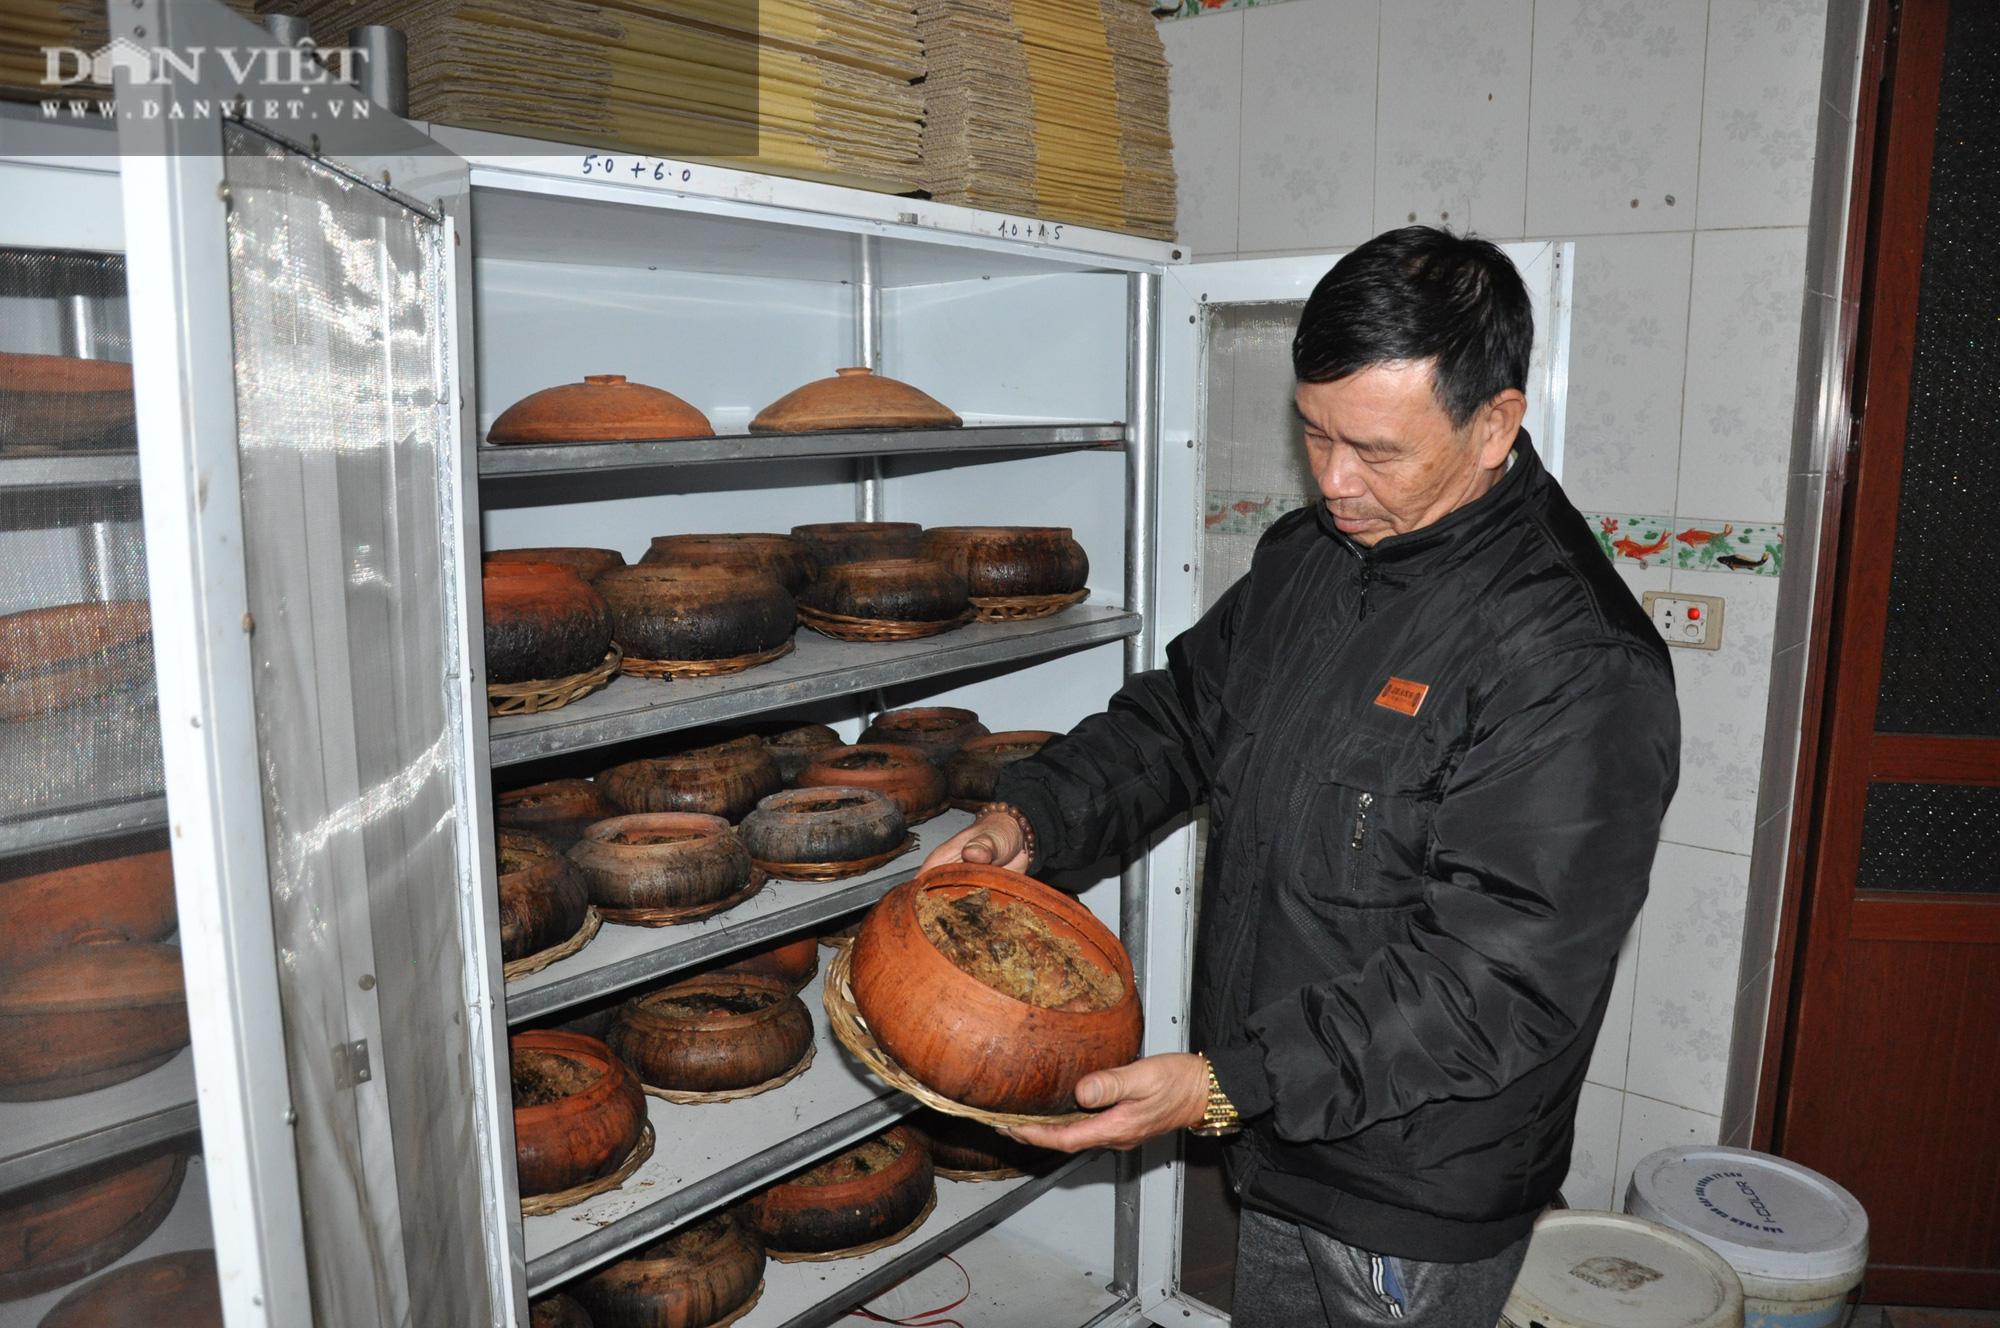 Không ngờ chỉ pha trộn gia vị đơn giản này mà lão nông Hà Nam lại làm được món cá kho ngon nhất Việt Nam - Ảnh 1.